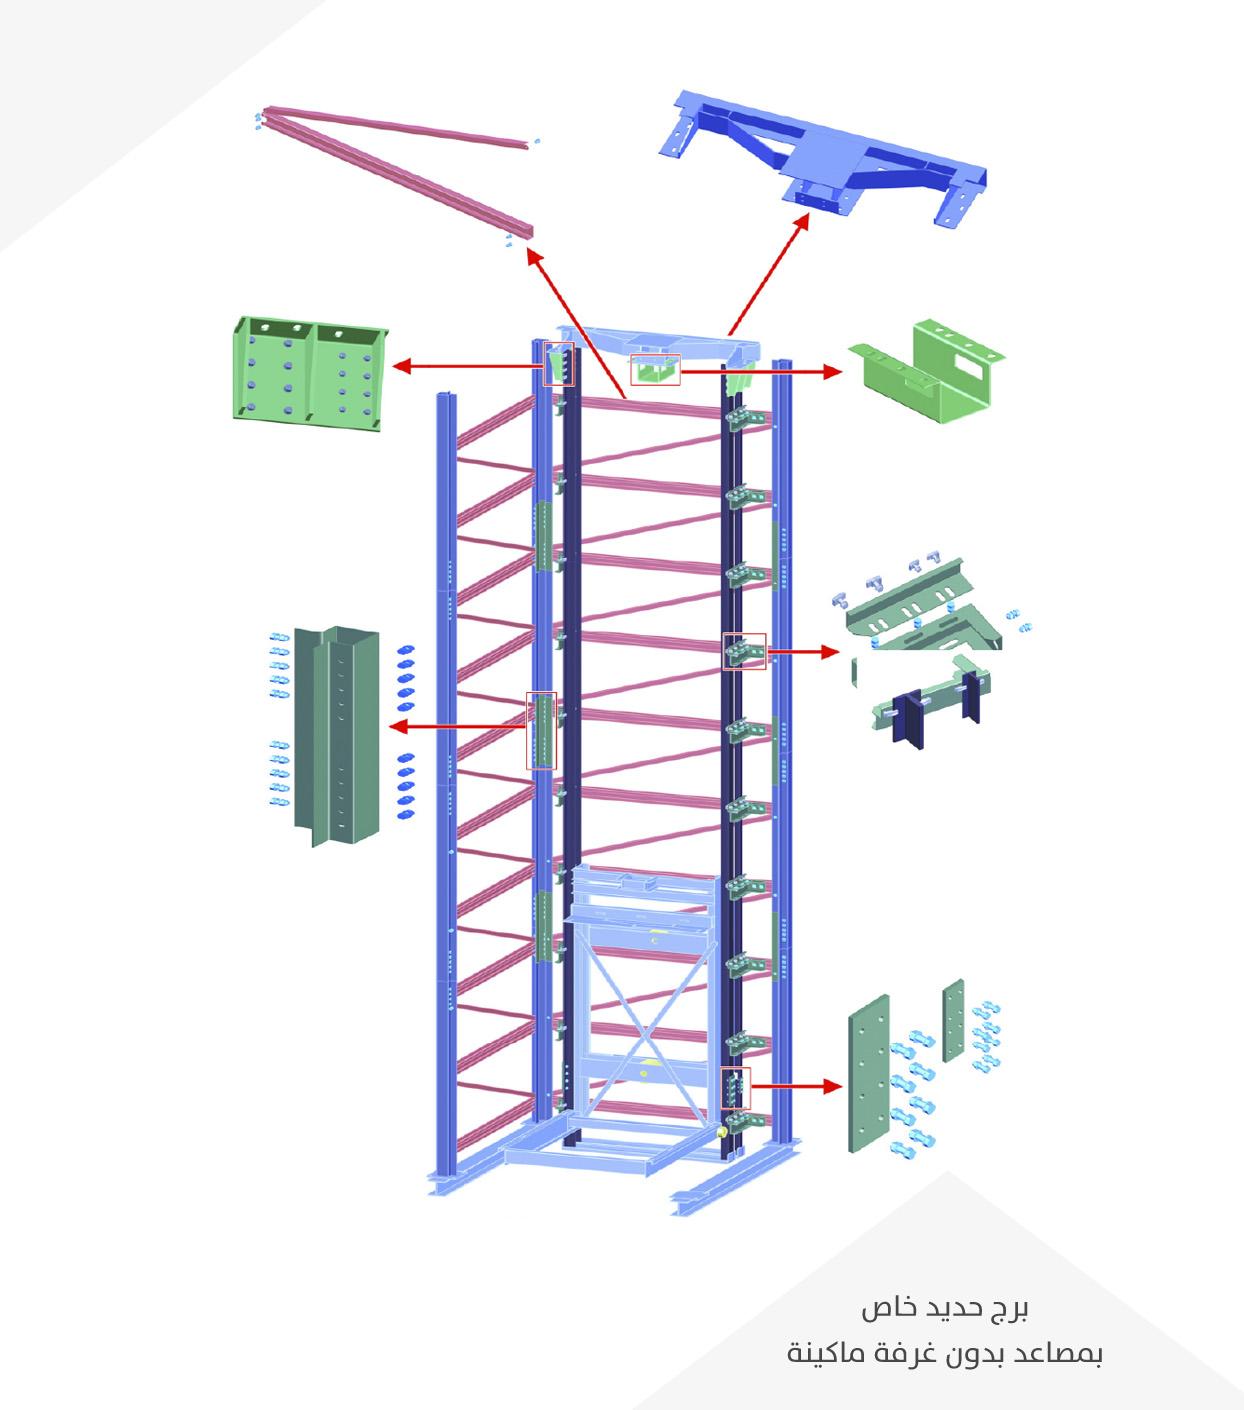 برج حديد خاص بمصاعد بدون غرفة ماكينة